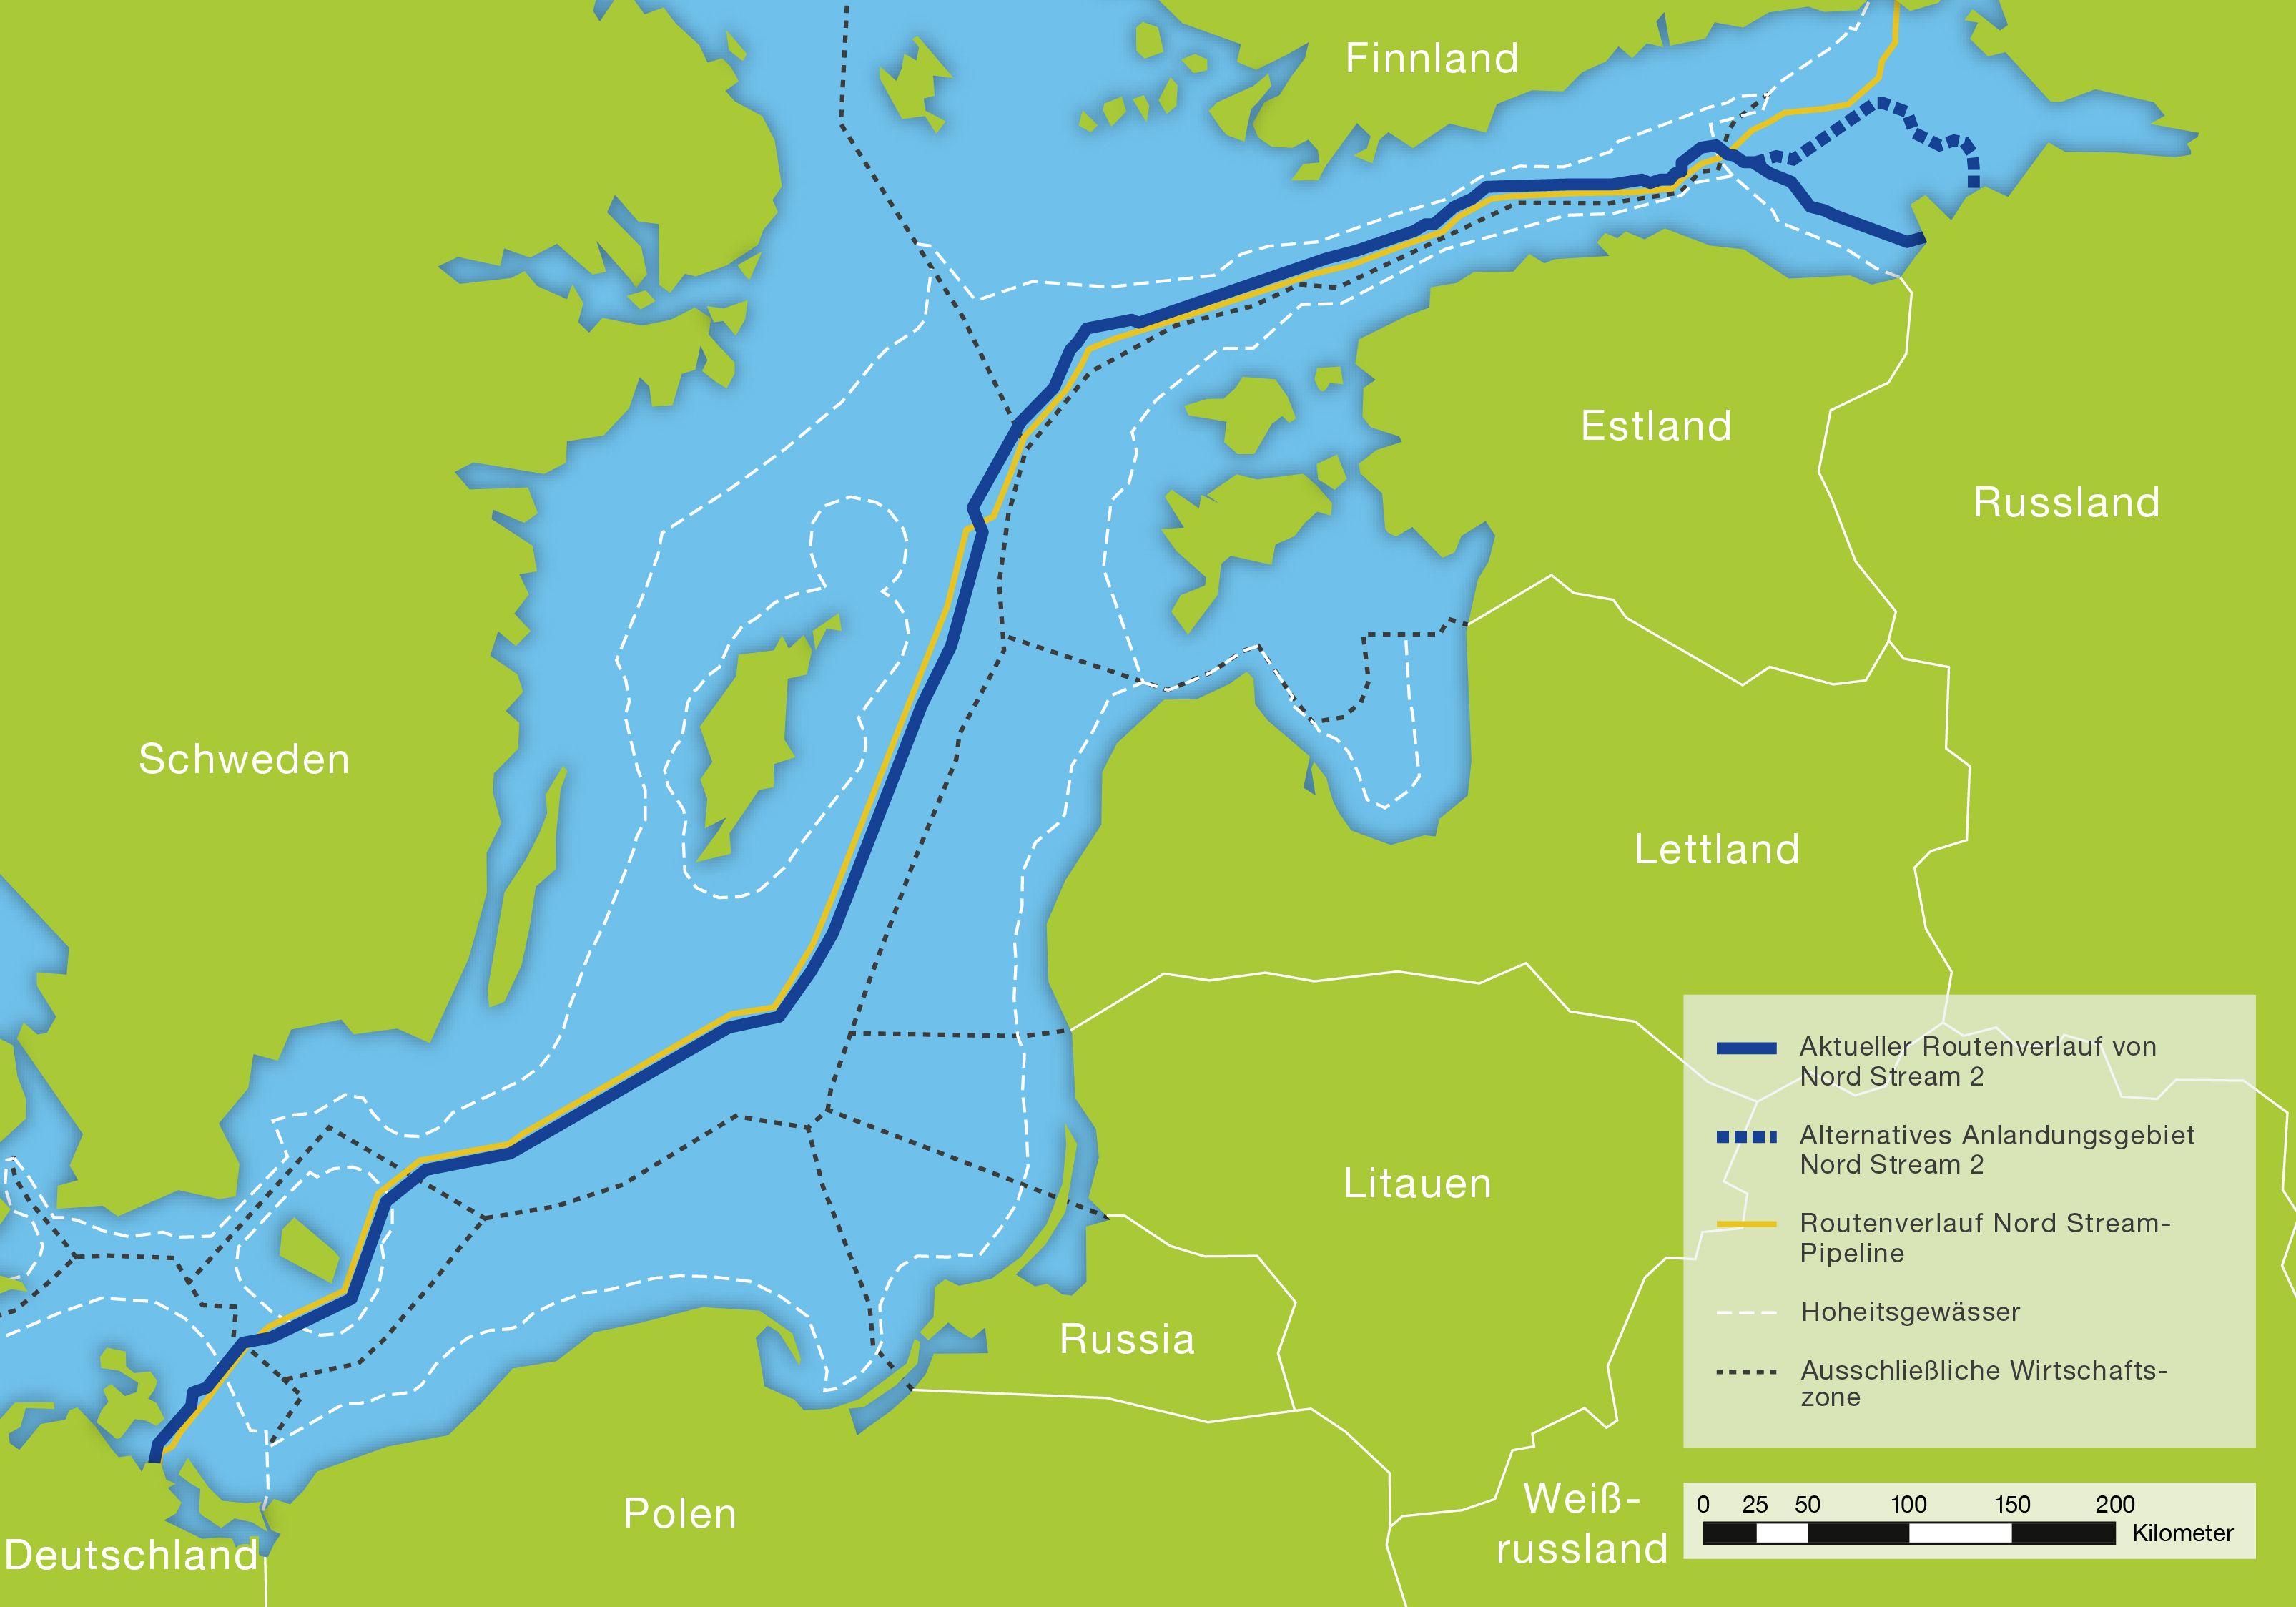 Nord Stream 2 Karte.Gezielte Kritik Gegen Gaspipeline Nord Stream 2 Umwelt